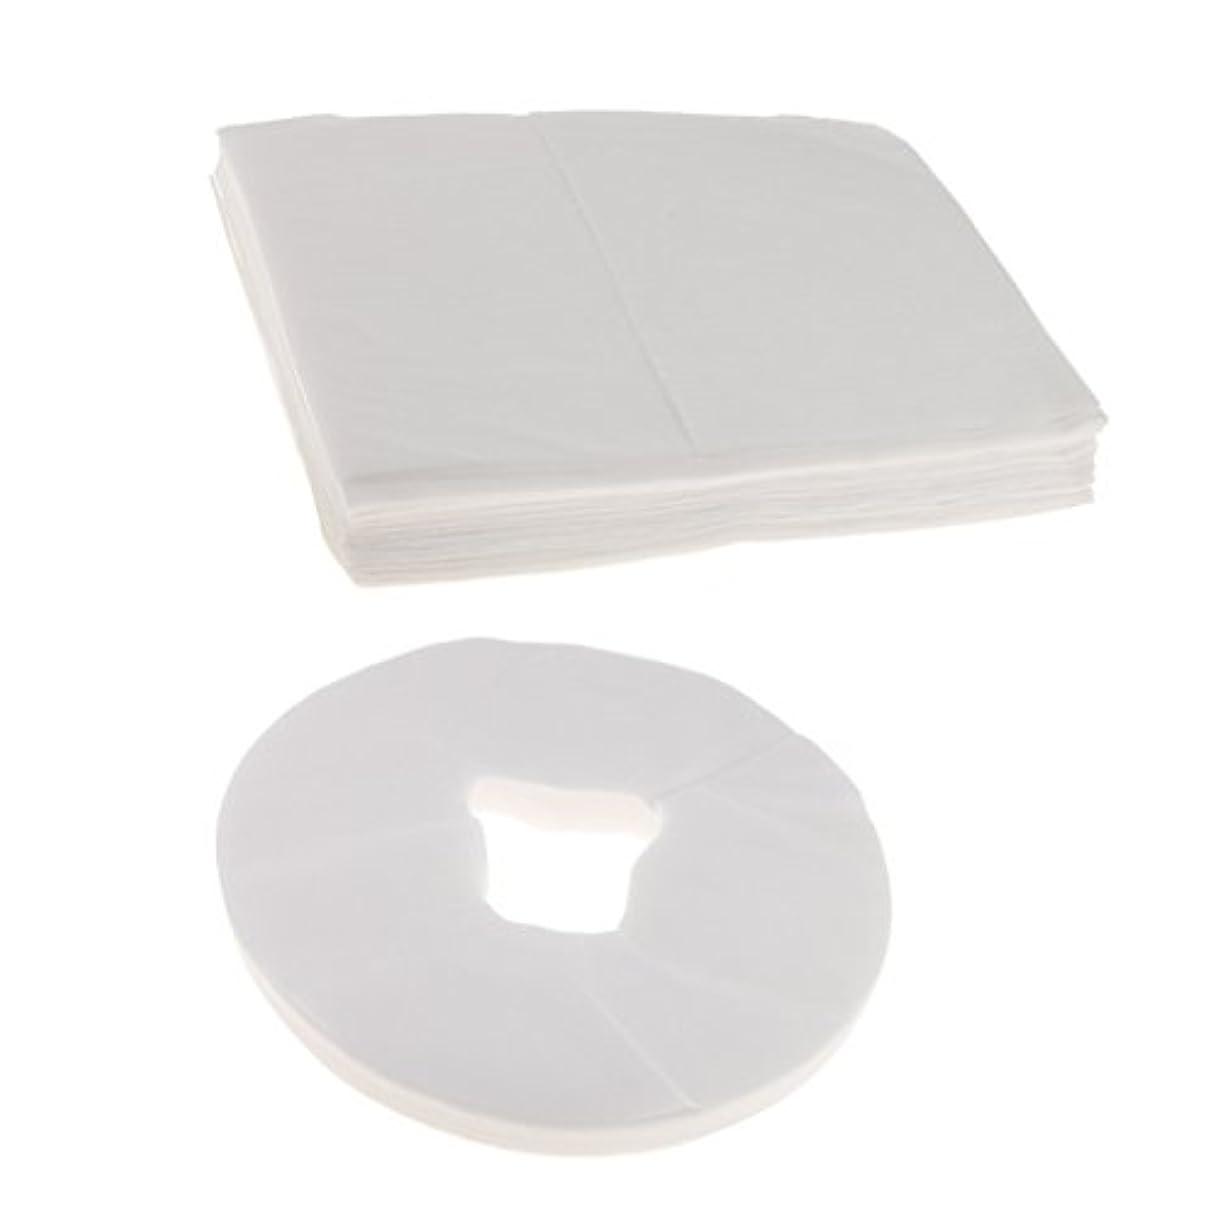 許可スクラップあなたのもの100ホワイト使い捨てマッサージテーブルフェイスクレードルクッションカバー+10ベッドシーツ